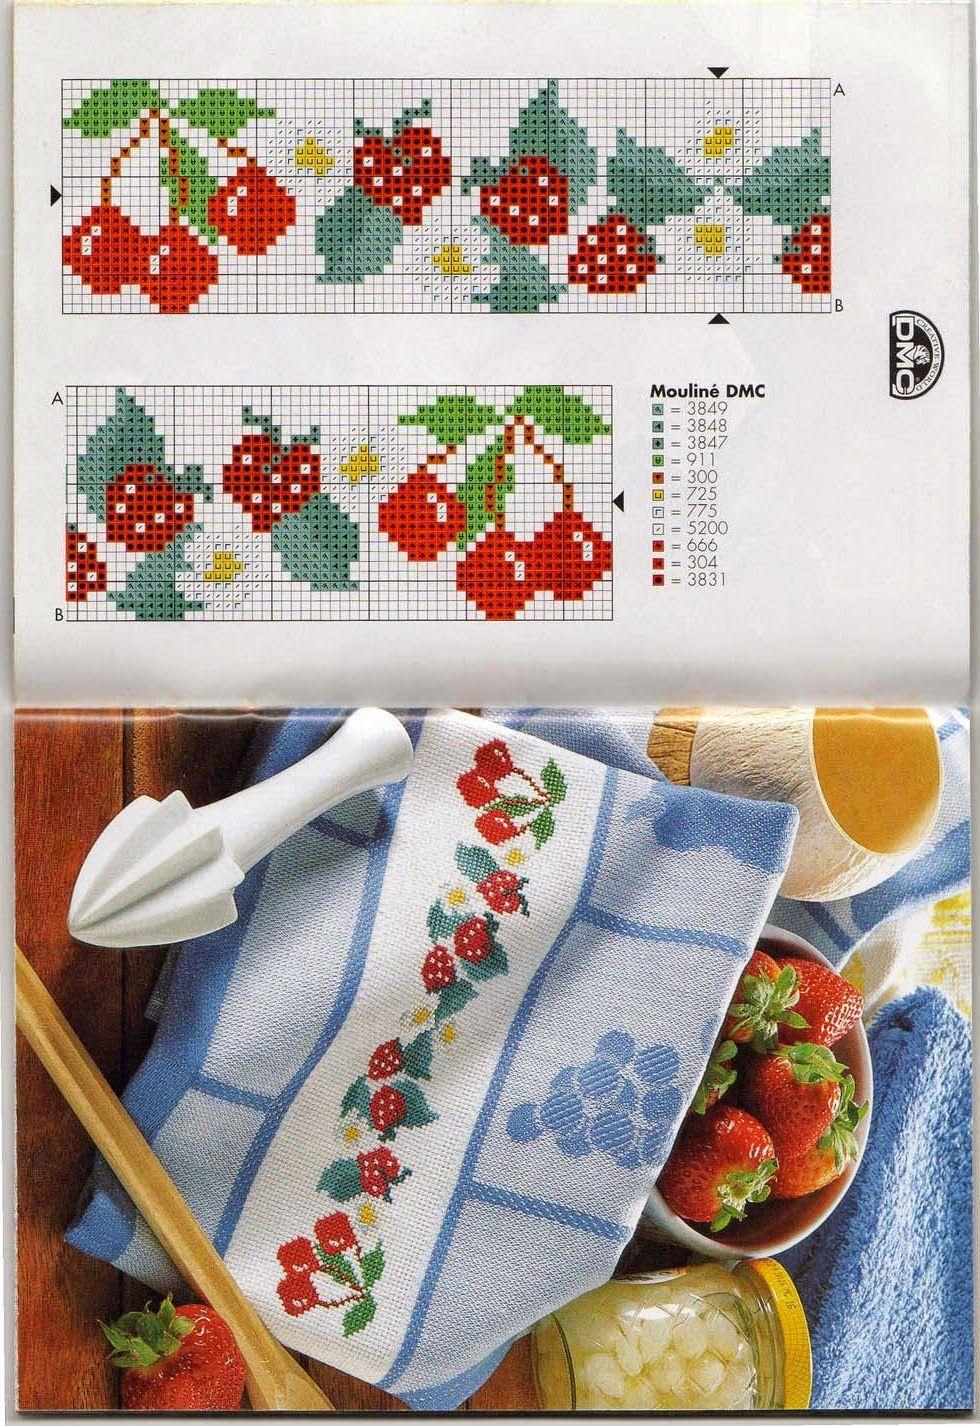 paño-cocina-fresa-y-cereza.jpg 980×1.426 piksel